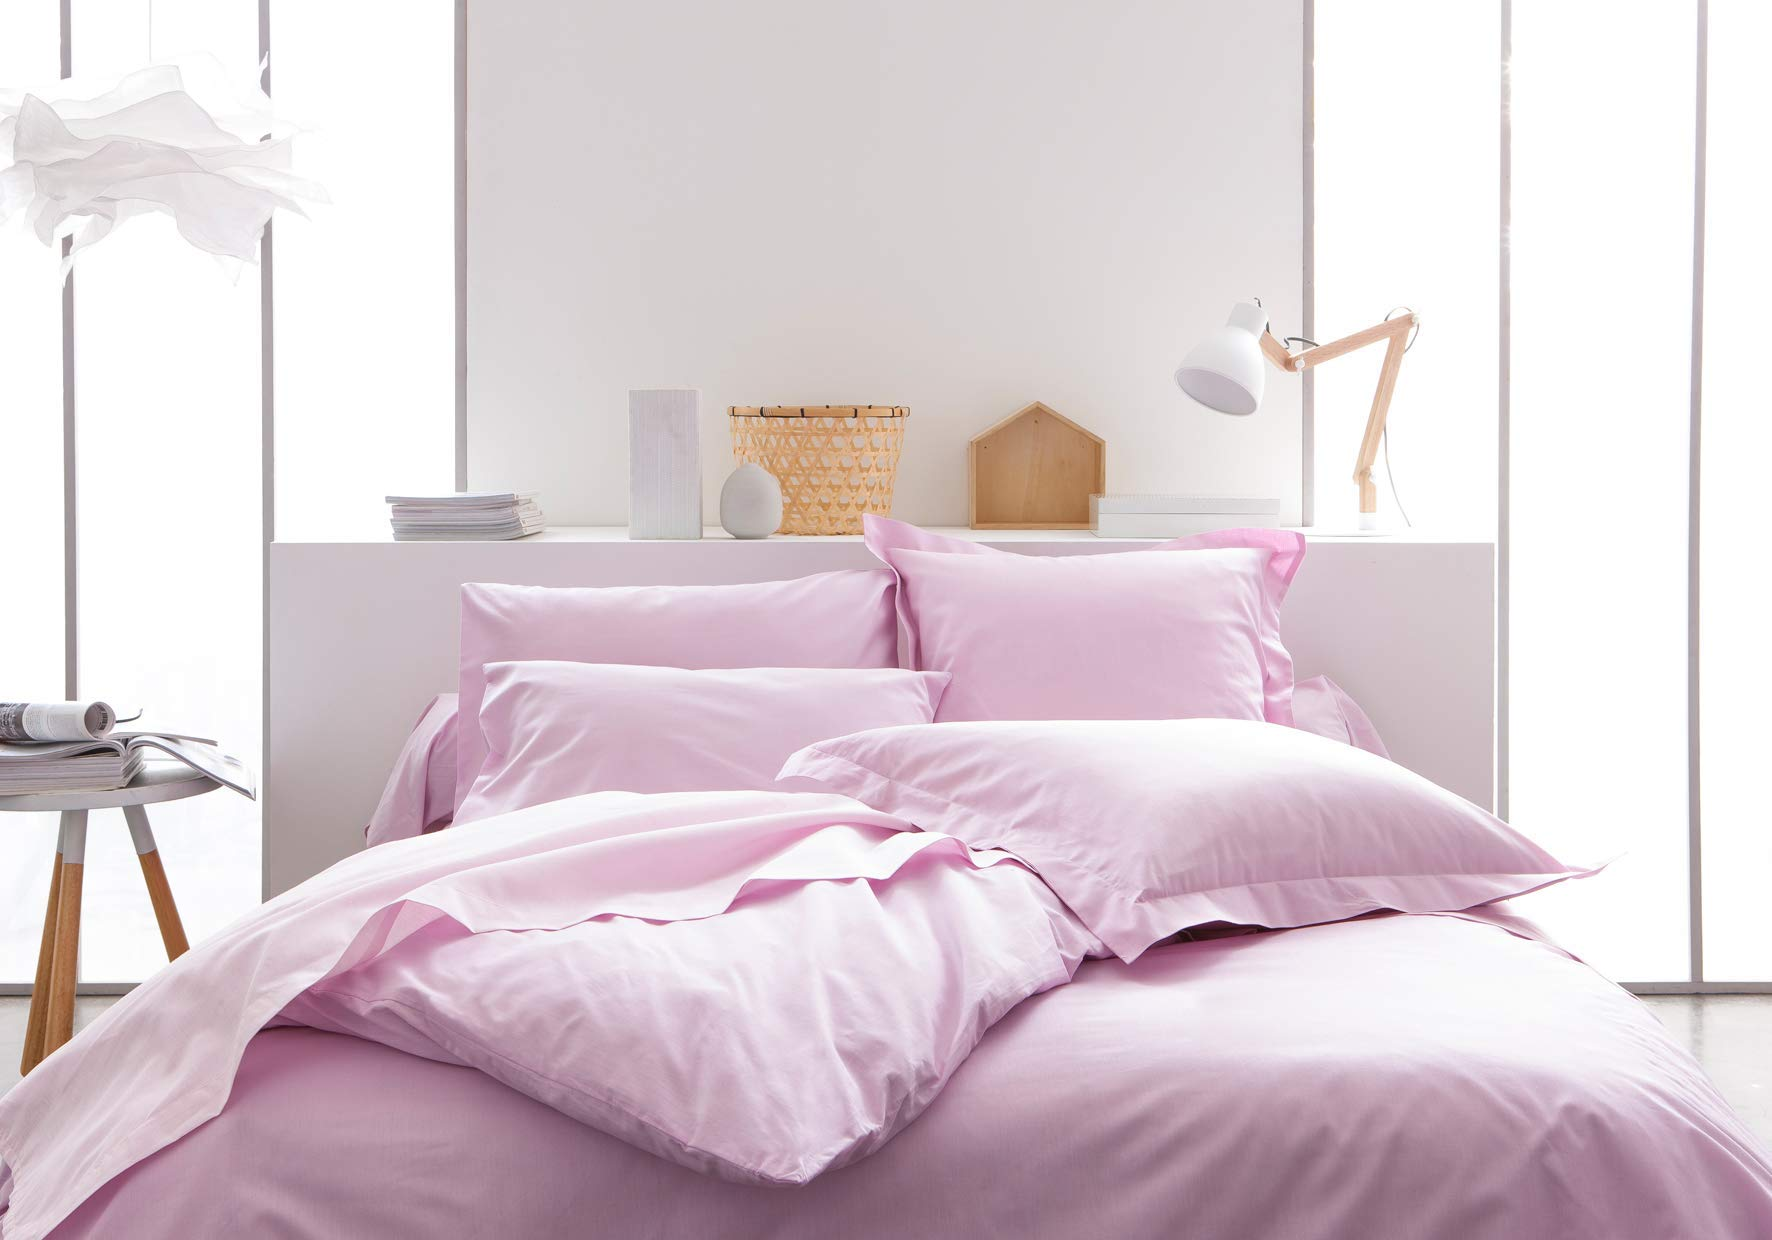 TODAY Sábana Bajera-90x190 cm Color Rosa, 100% algodón, 190x90x0.1 cm: Amazon.es: Hogar